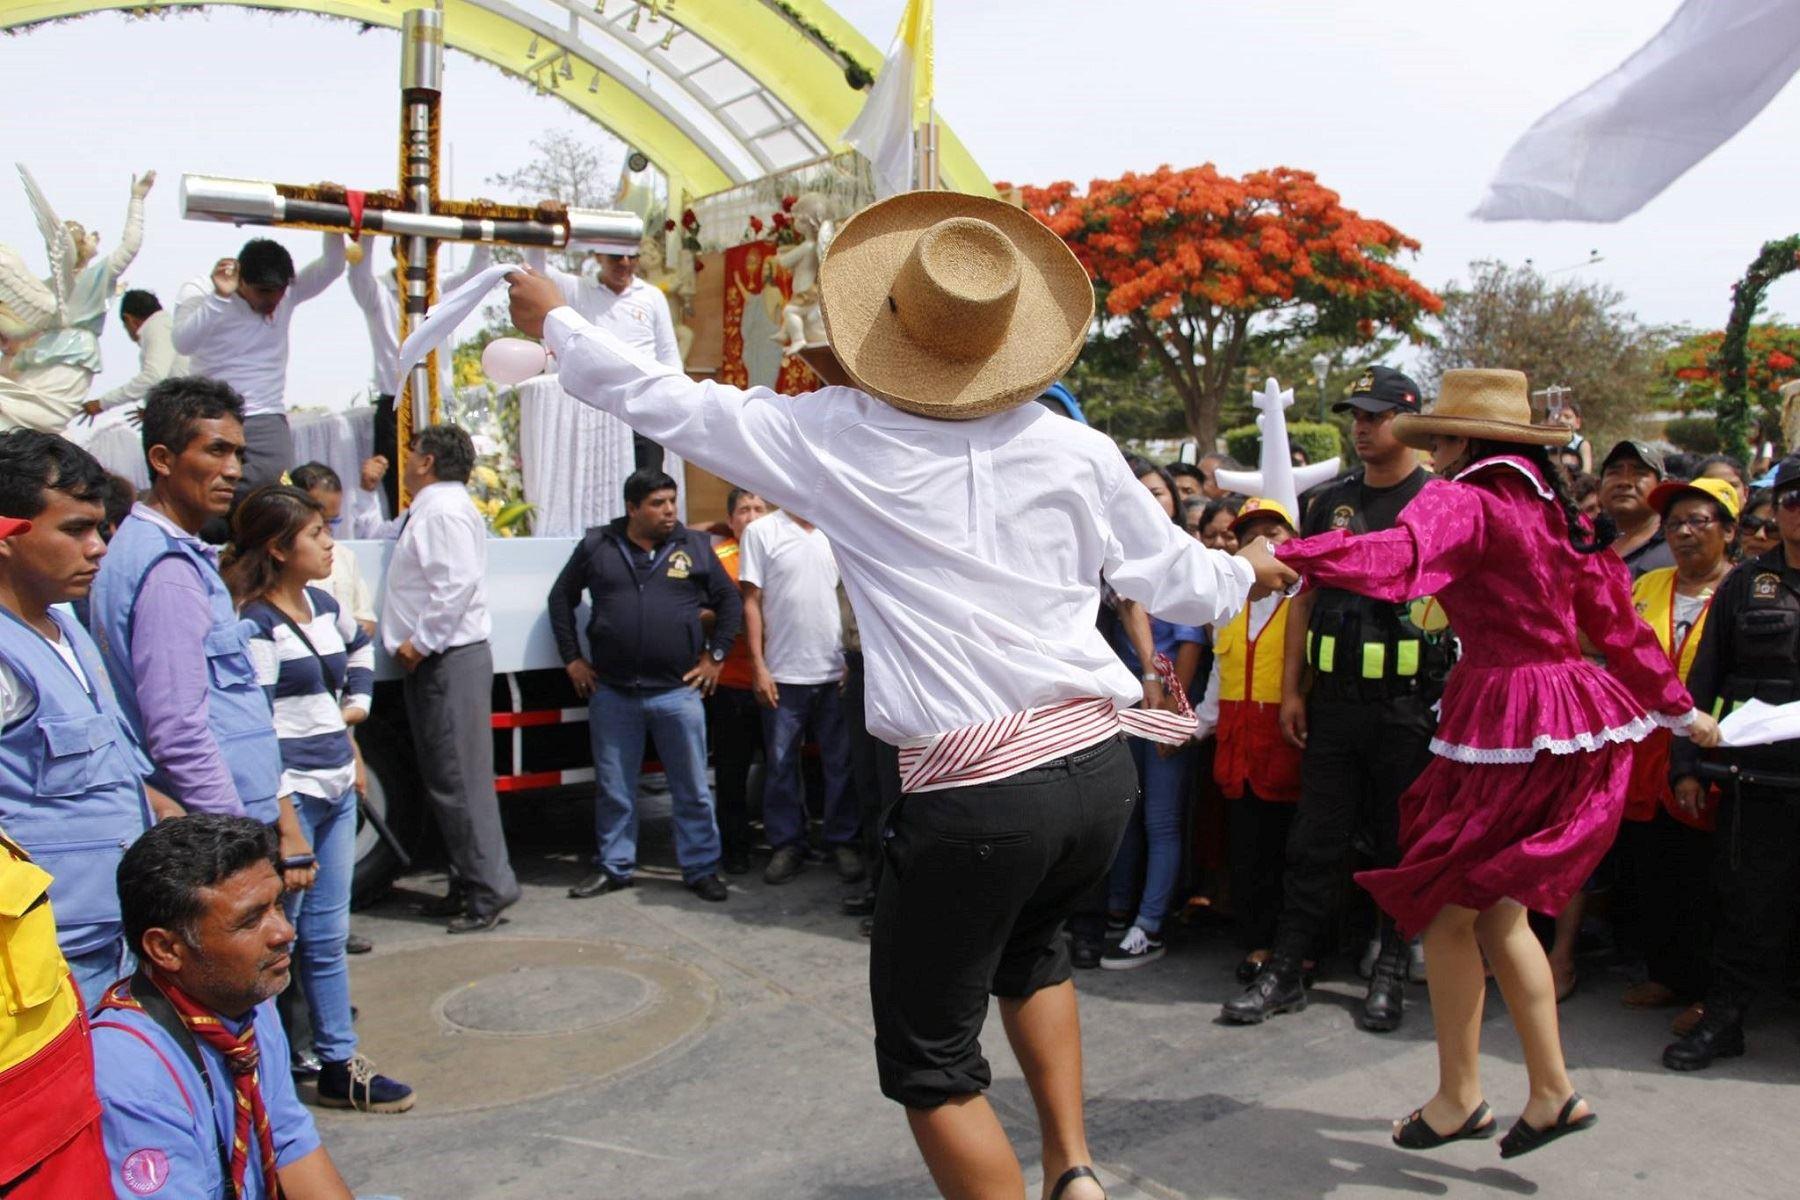 Hoy parten a Trujillo primeras caravanas de peregrinos de Lambayeque para participar de encuentro con el Papa Francisco. Foto: ANDINA.